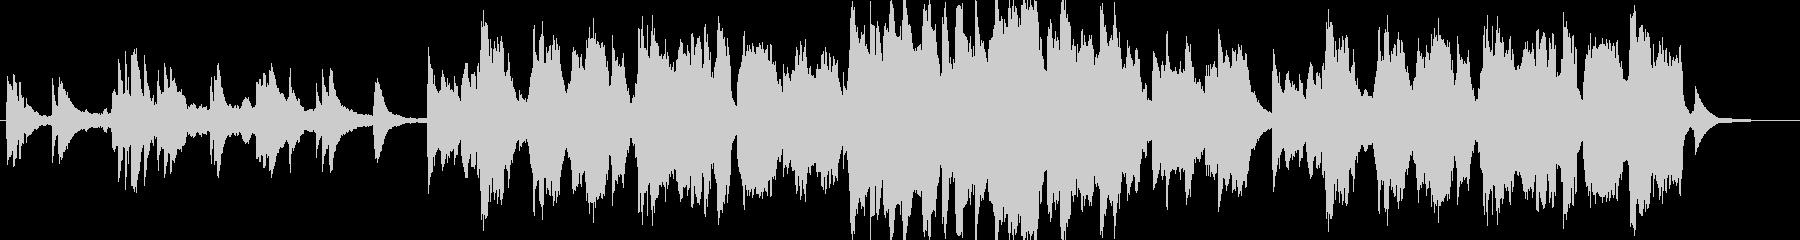 ピアノとフルート主体の優しいヒーリングaの未再生の波形